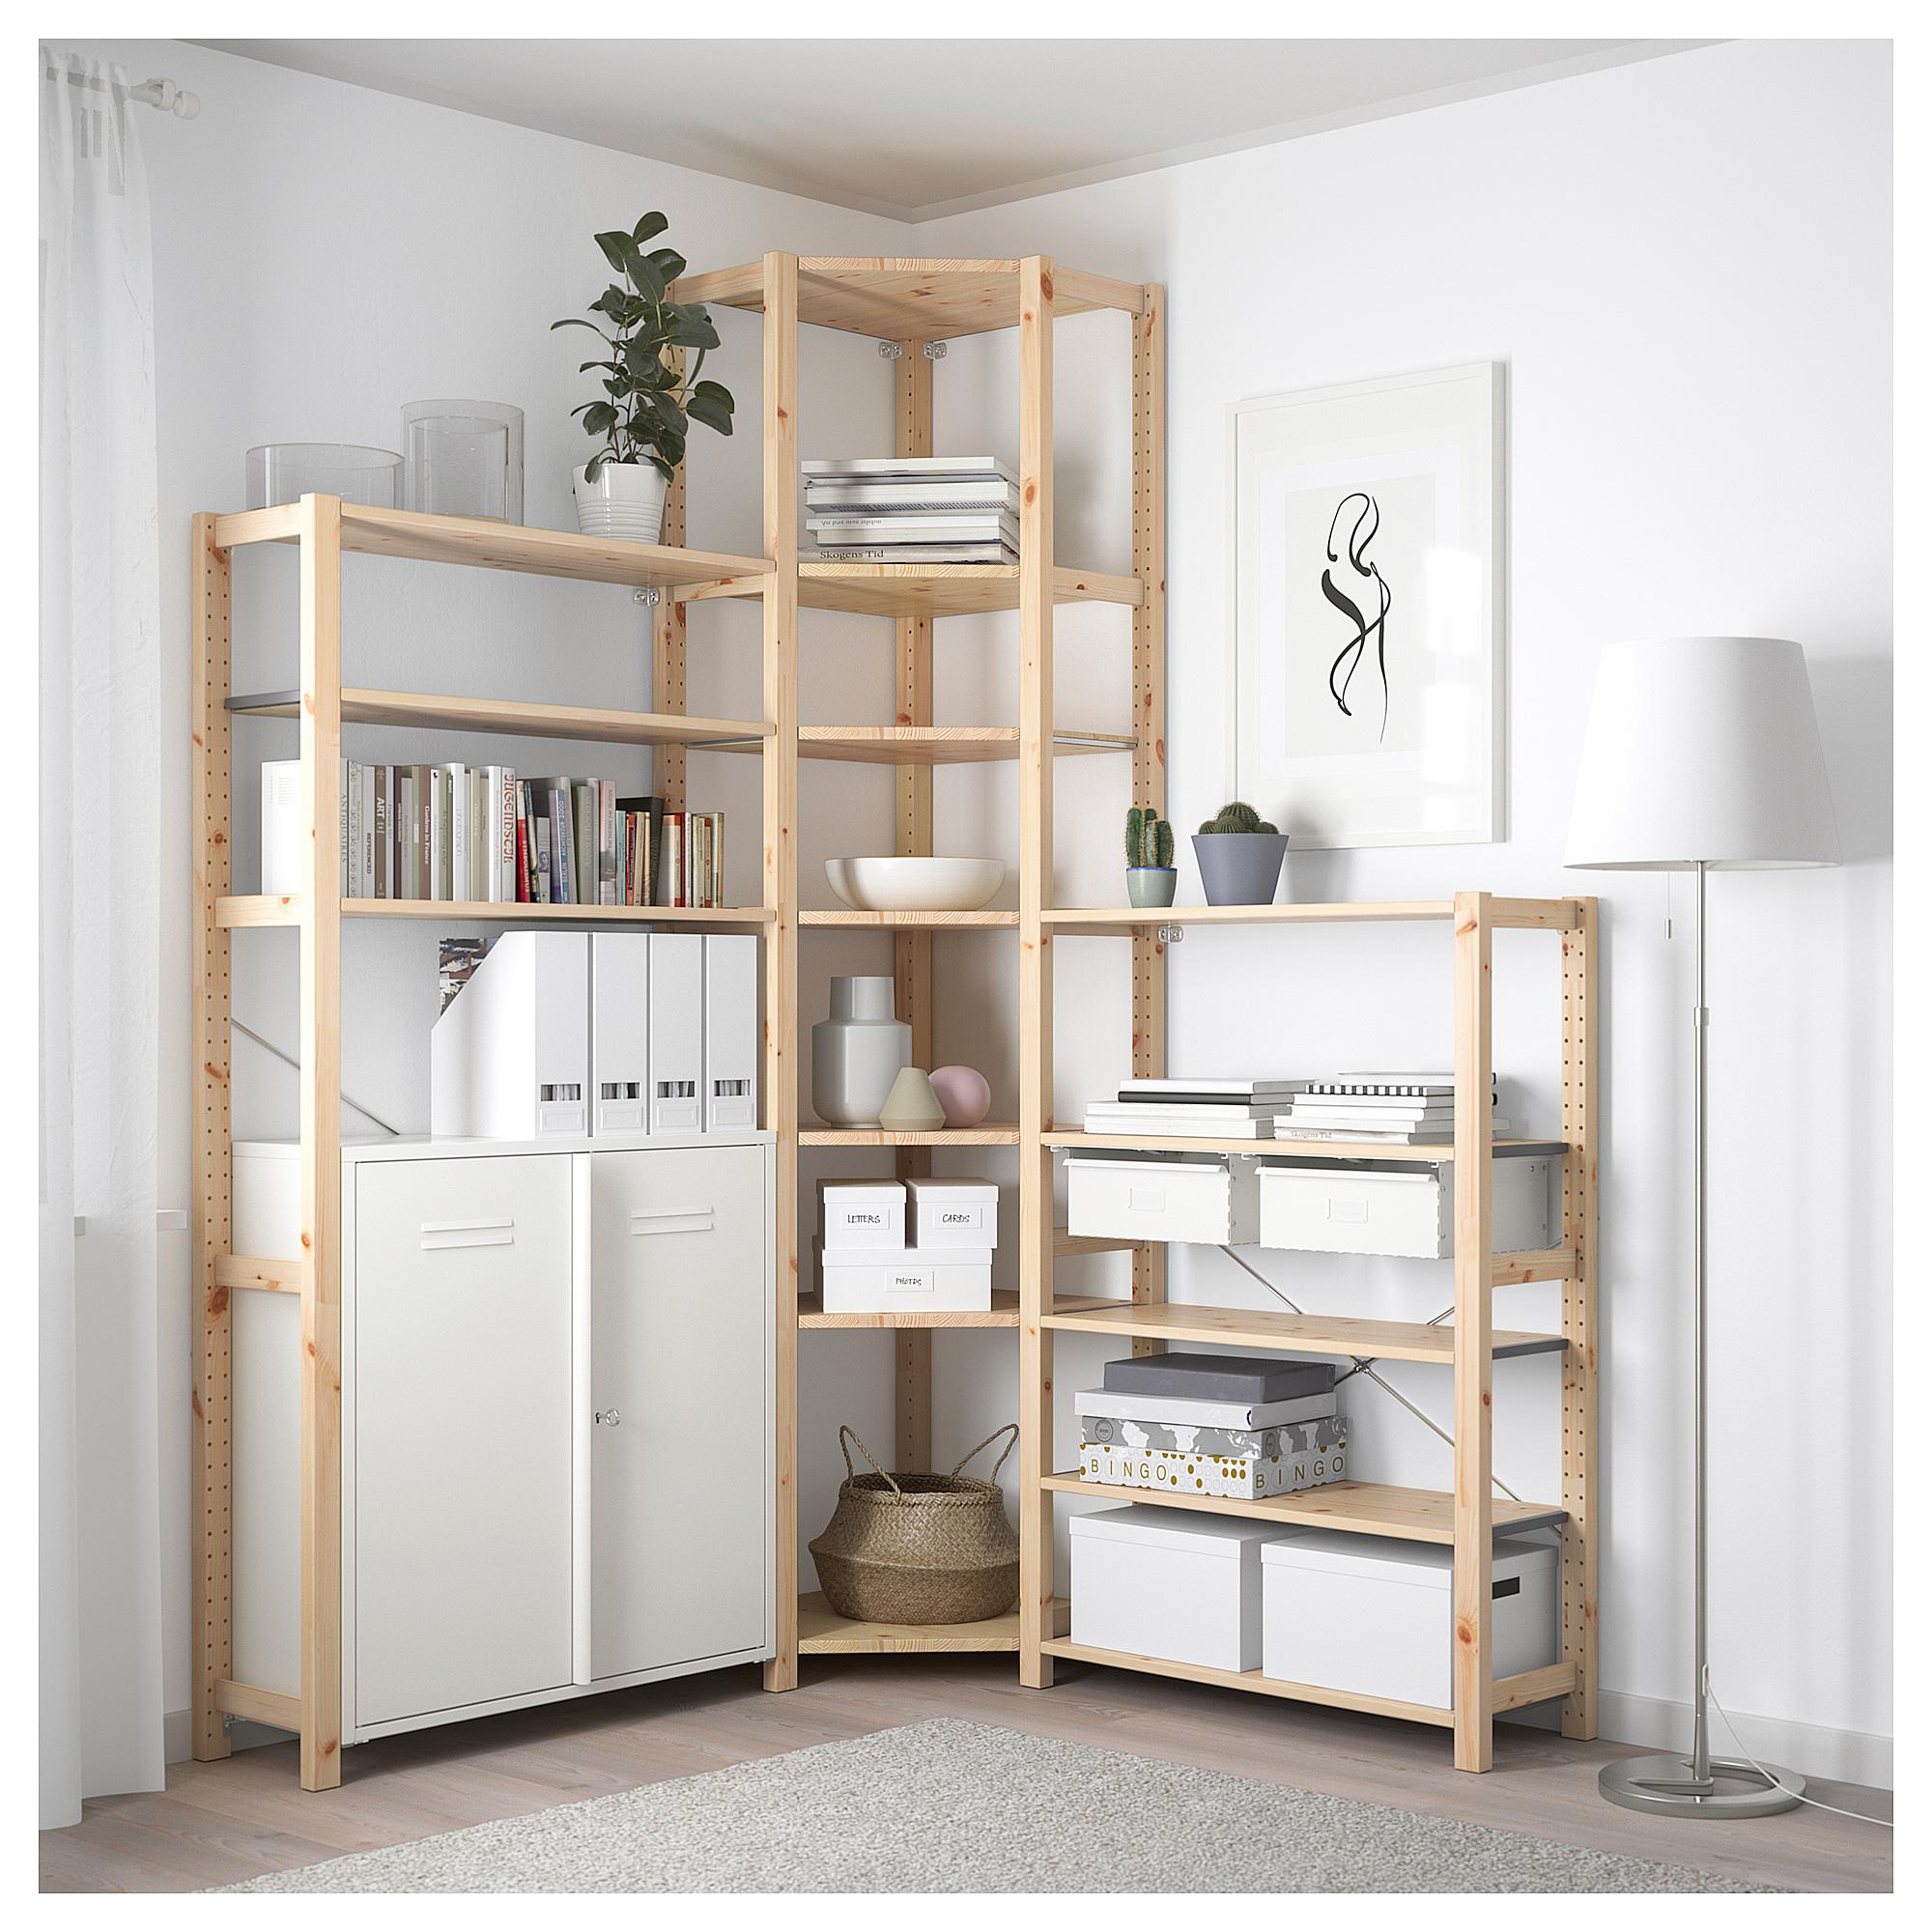 3 секции, угловой ИВАР белый артикуль № 292.499.86 в наличии. Online каталог IKEA РБ. Недорогая доставка и соборка.